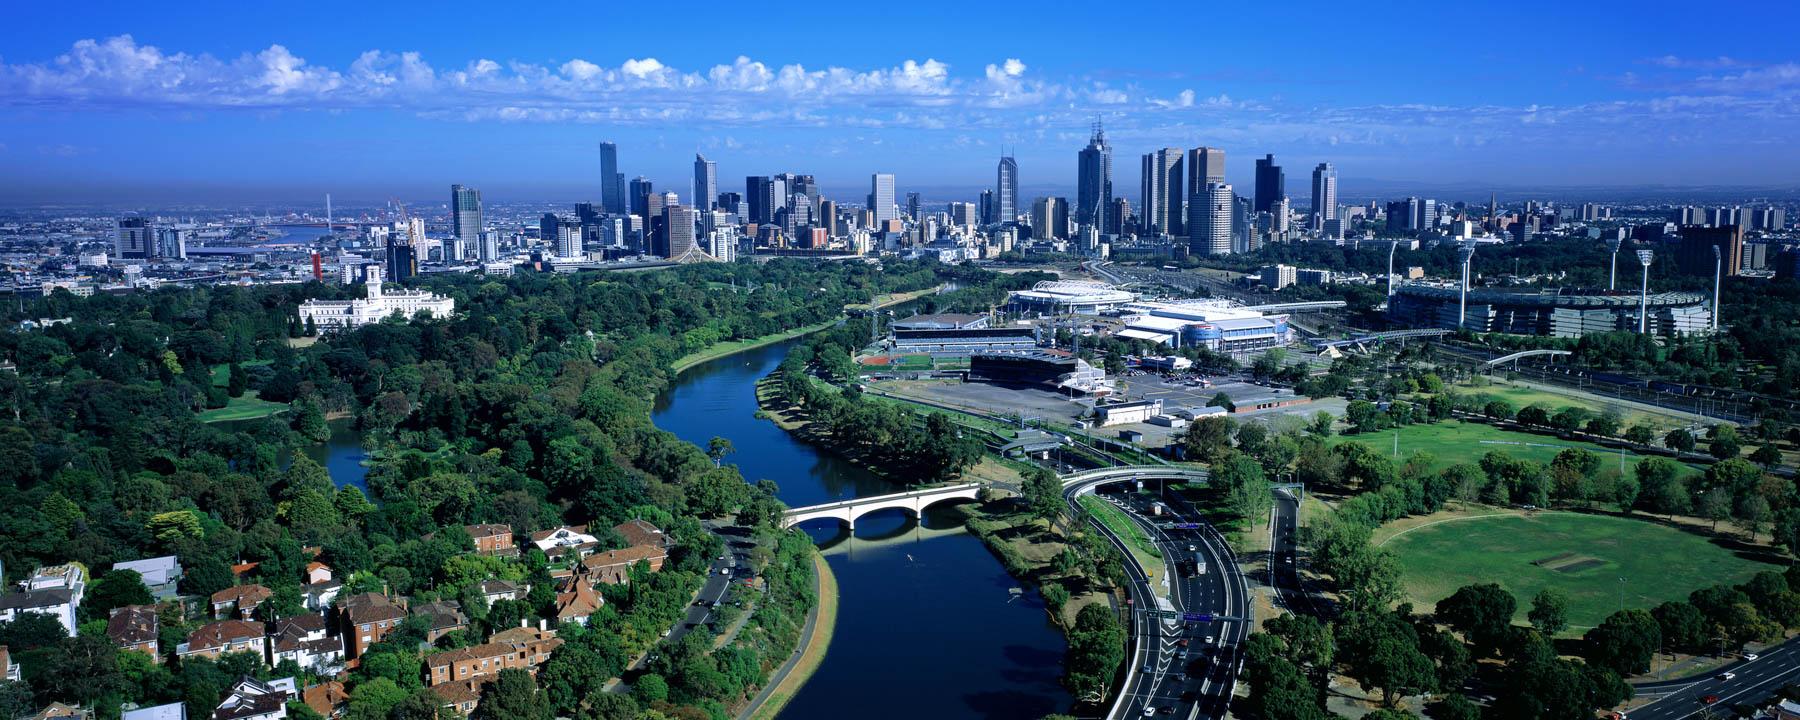 Majestic Melbourne, Australia